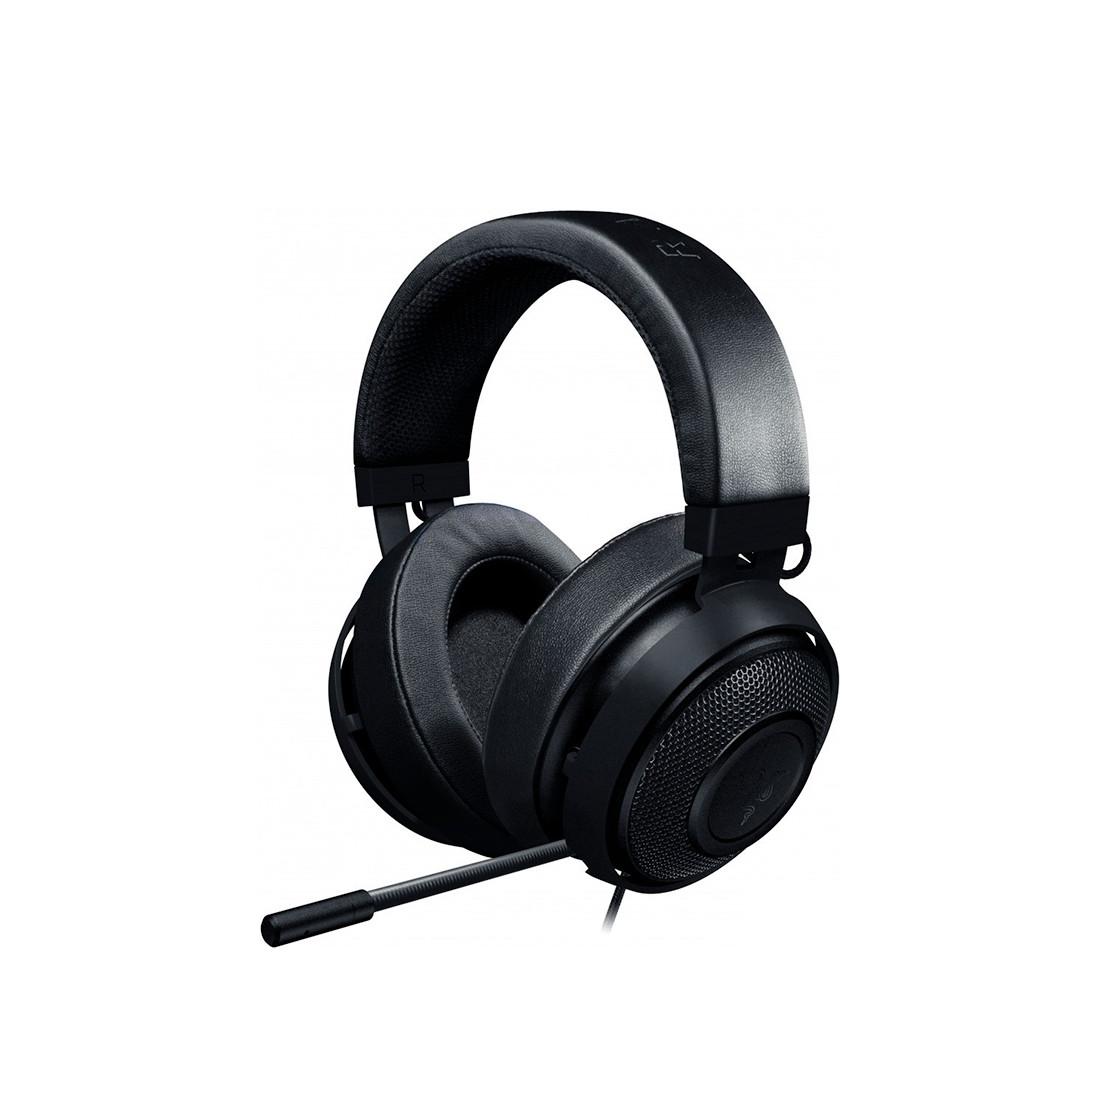 Гарнитура Razer Kraken Pro V2 Oval Black (3,5мм)